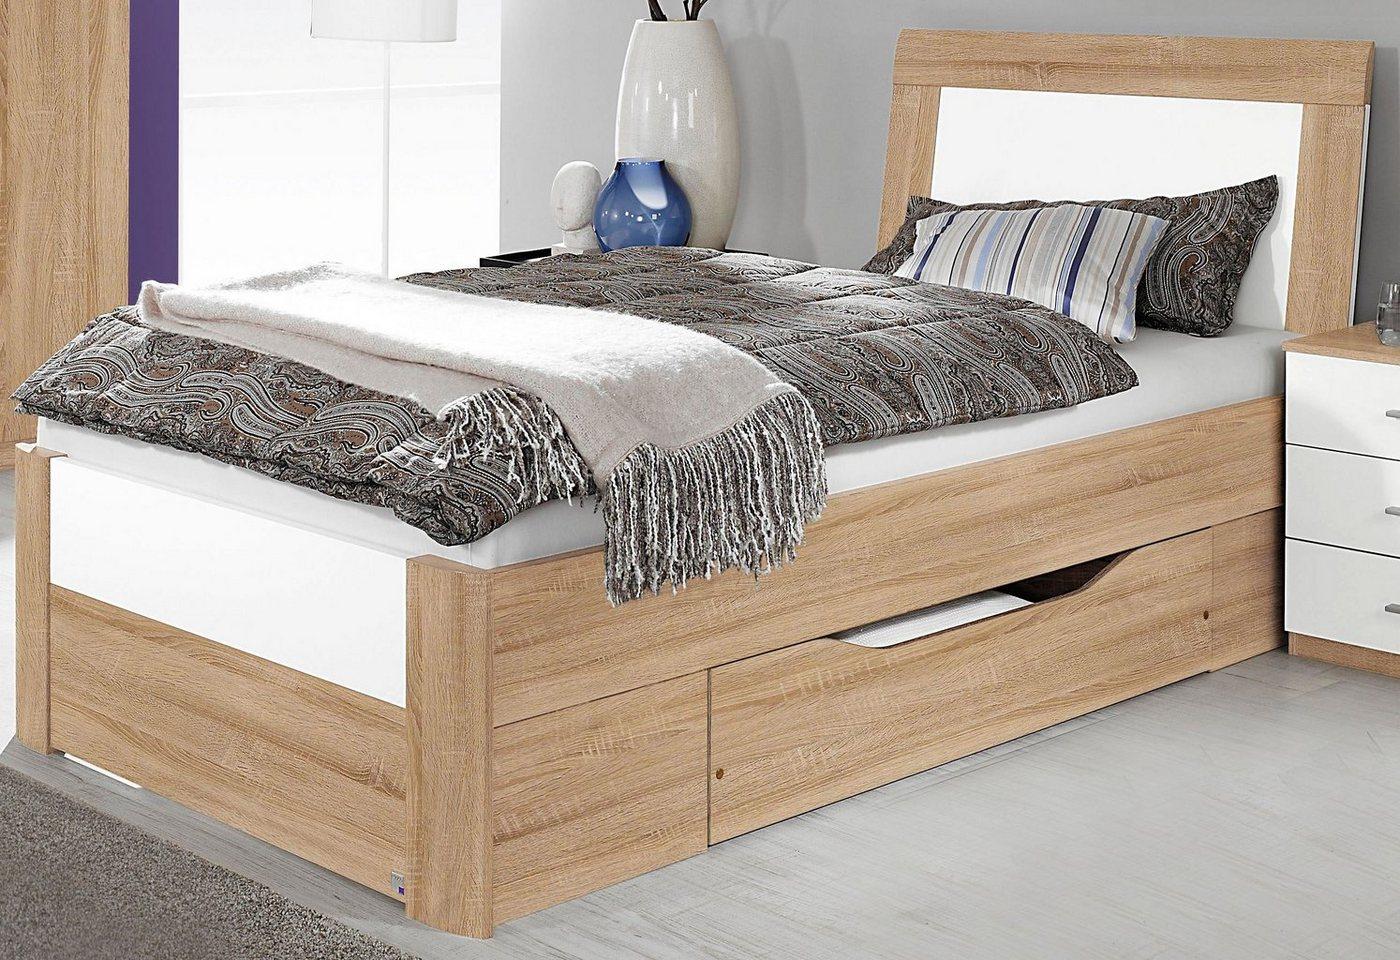 RAUCH Bed met kunststof oppervlak